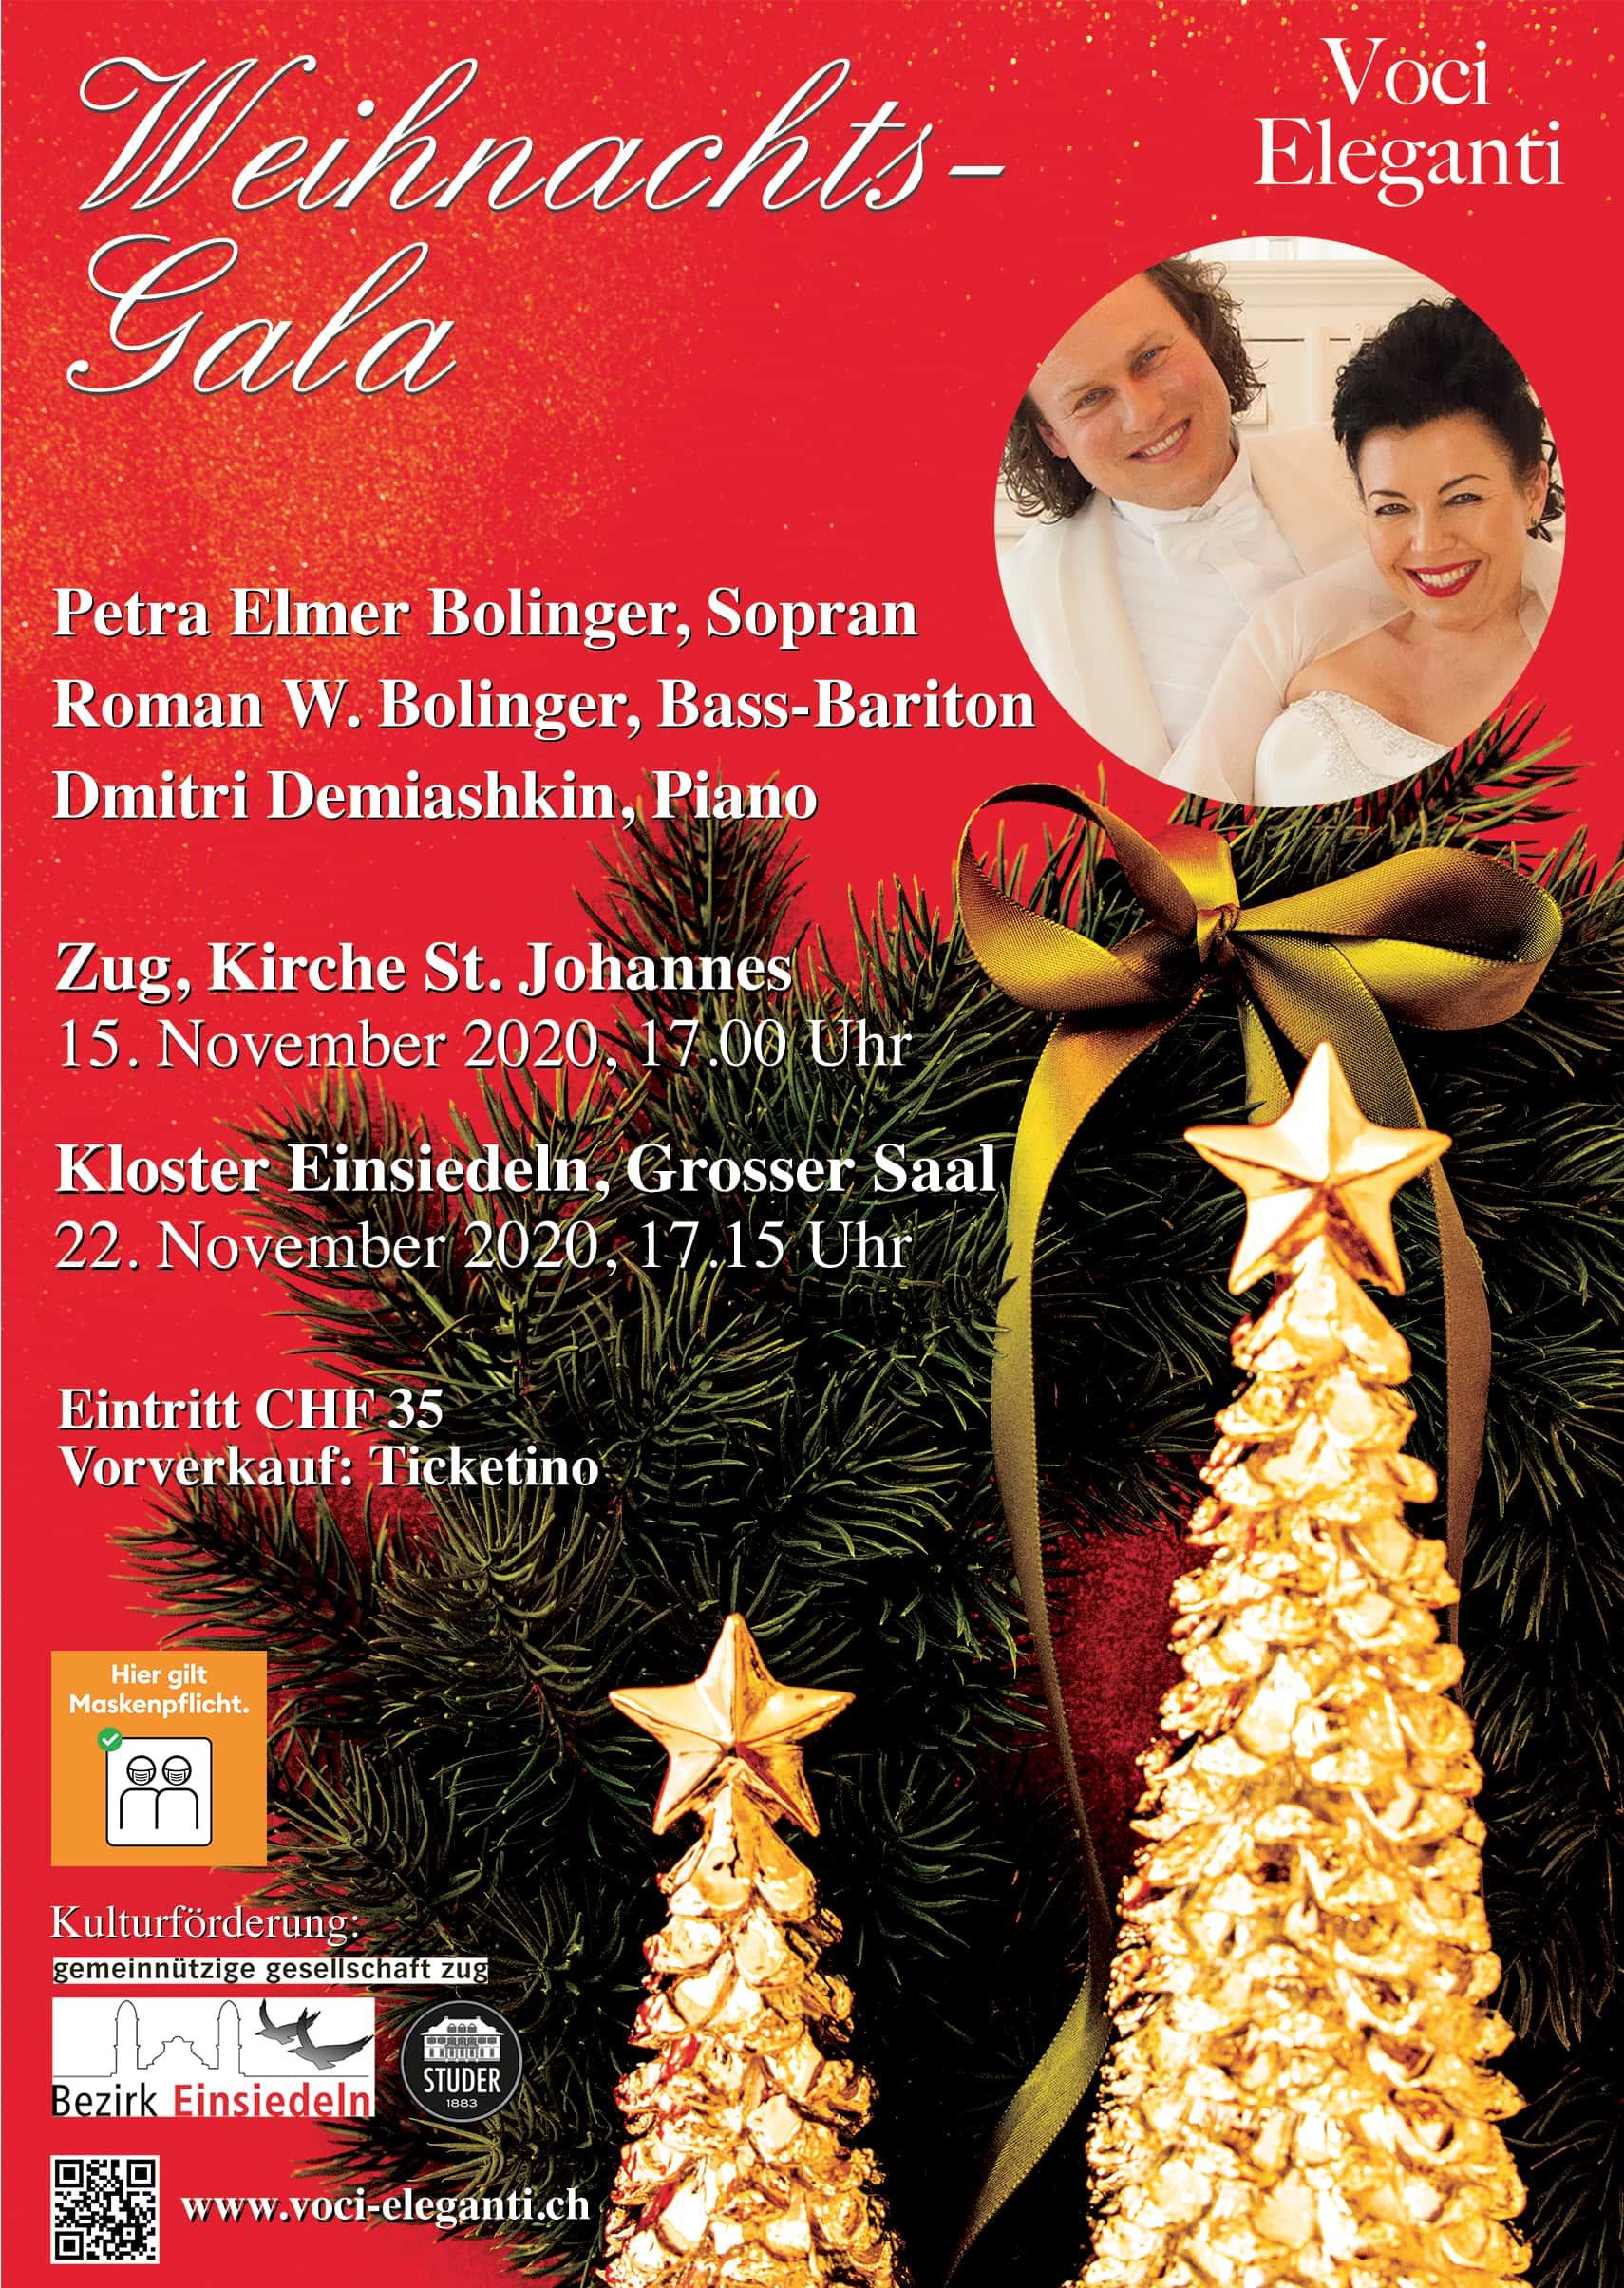 Weihnachts-Gala